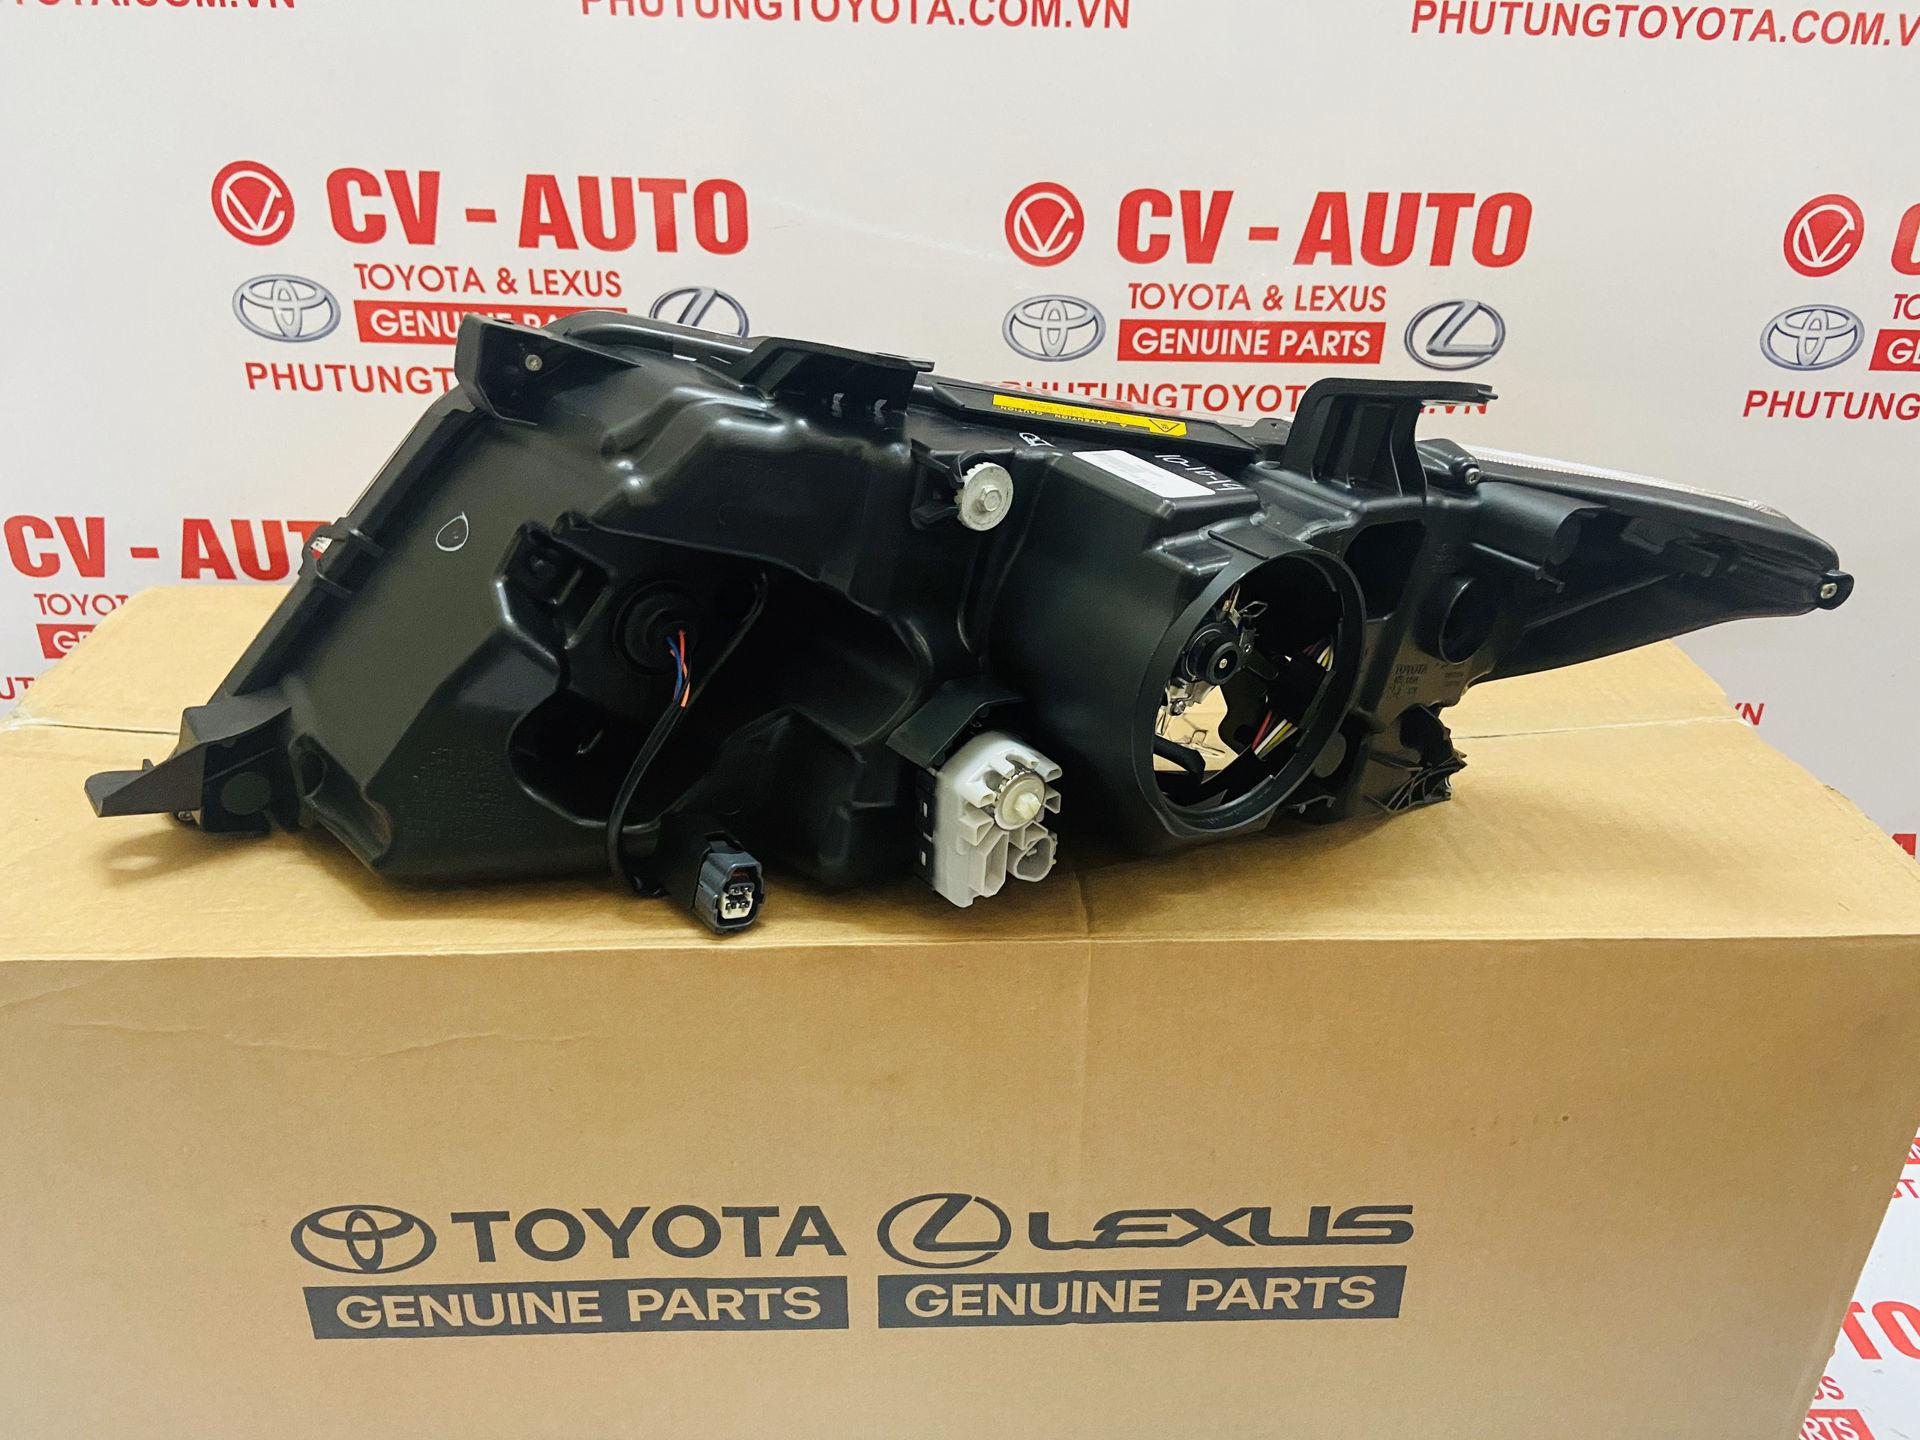 Picture of 81130-0T040 81170-0T040 Đèn pha Toyota Venza 2013-2015 hàng chính hãng